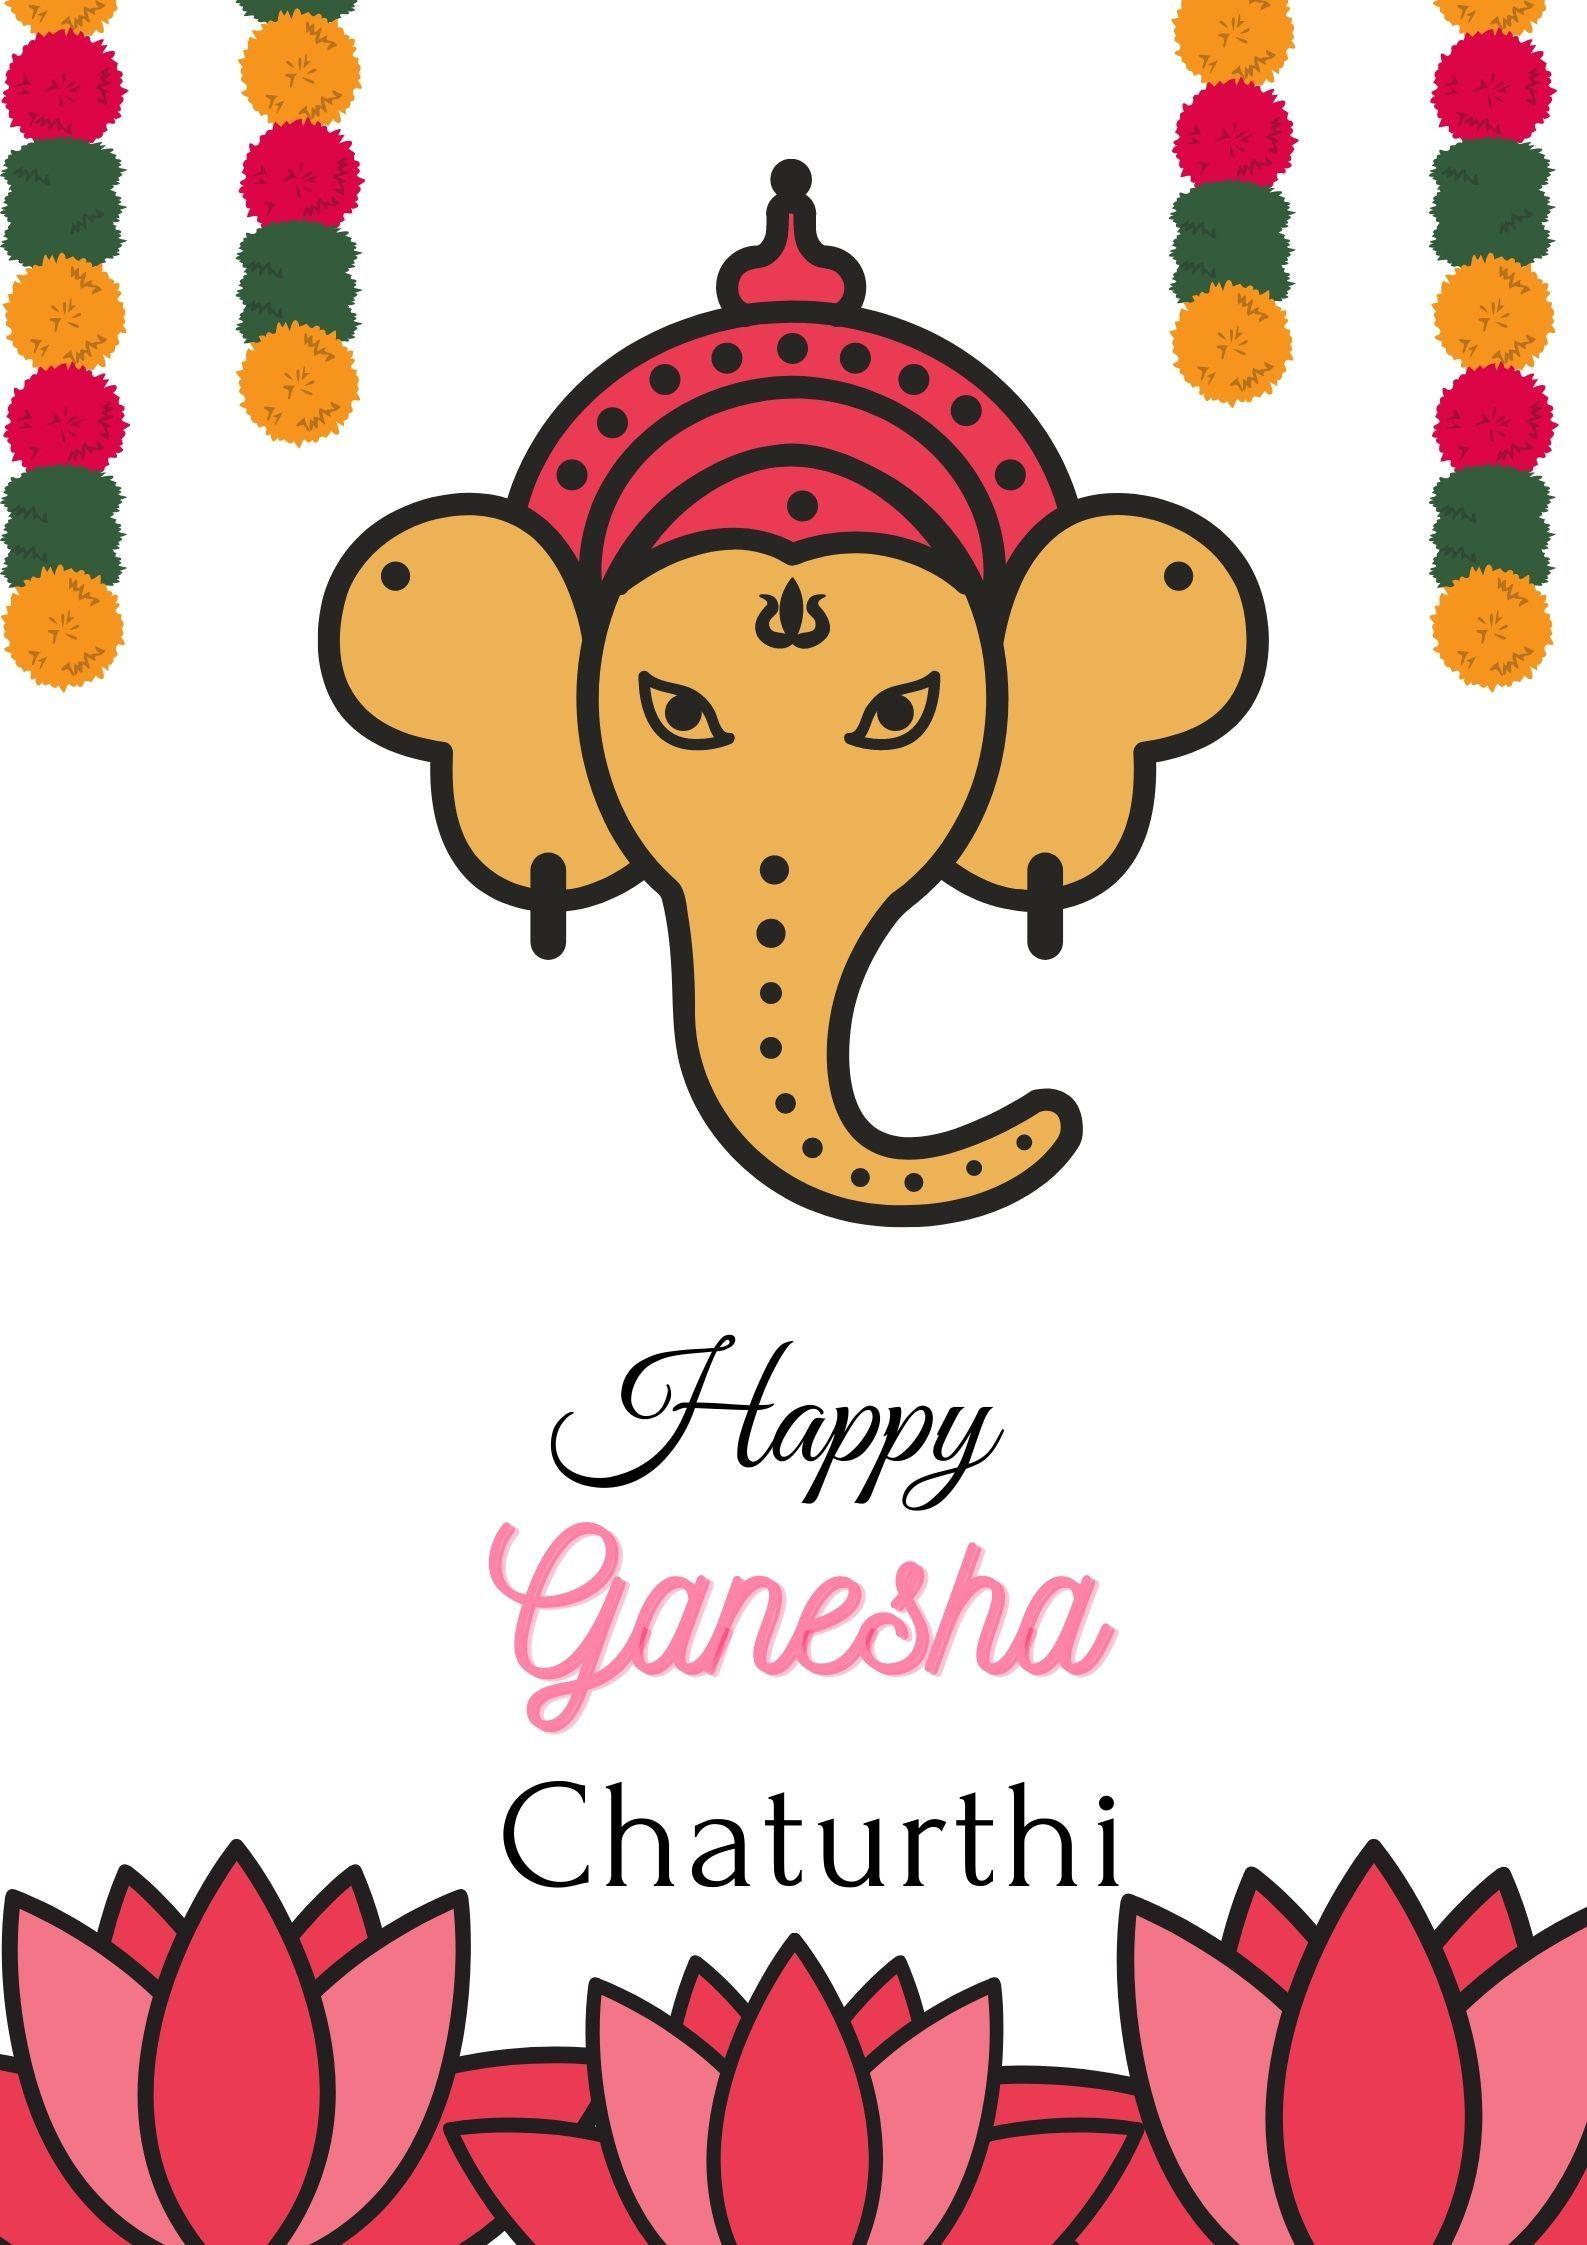 Happy Ganesh Chaturthi 2020 - N4AP